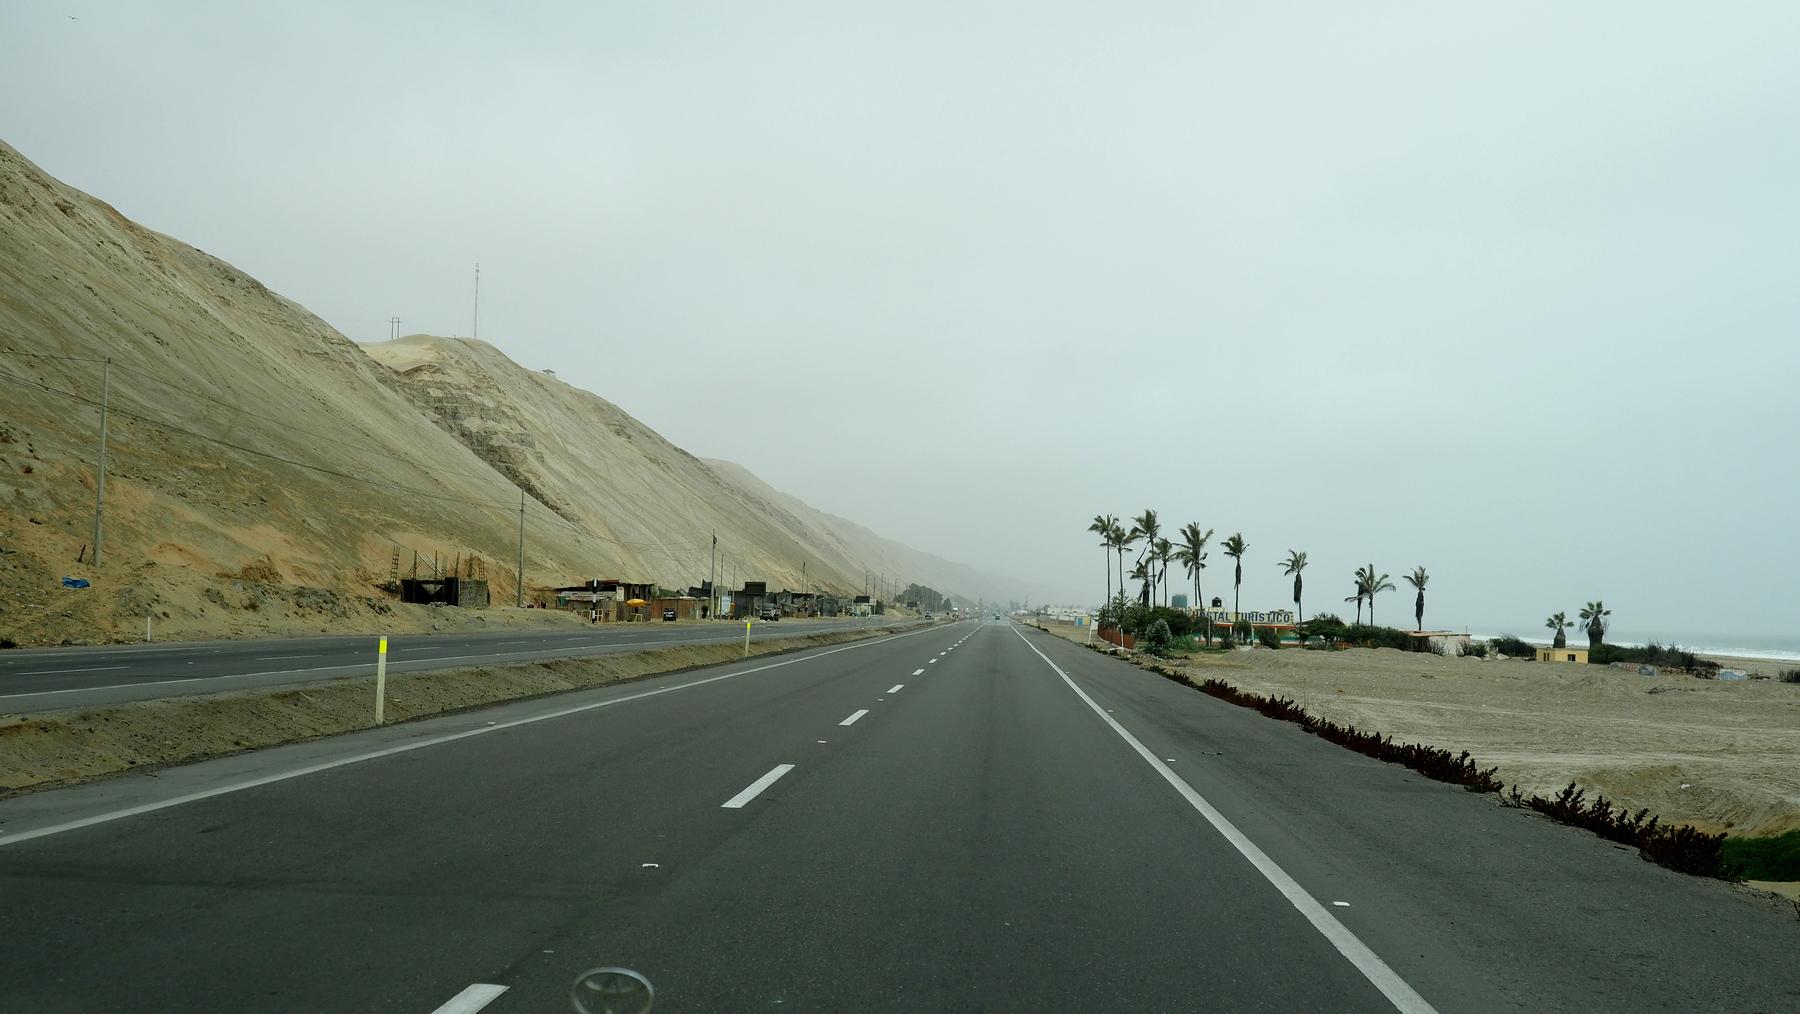 Auf dem Highway an der nebligen Küste entlang